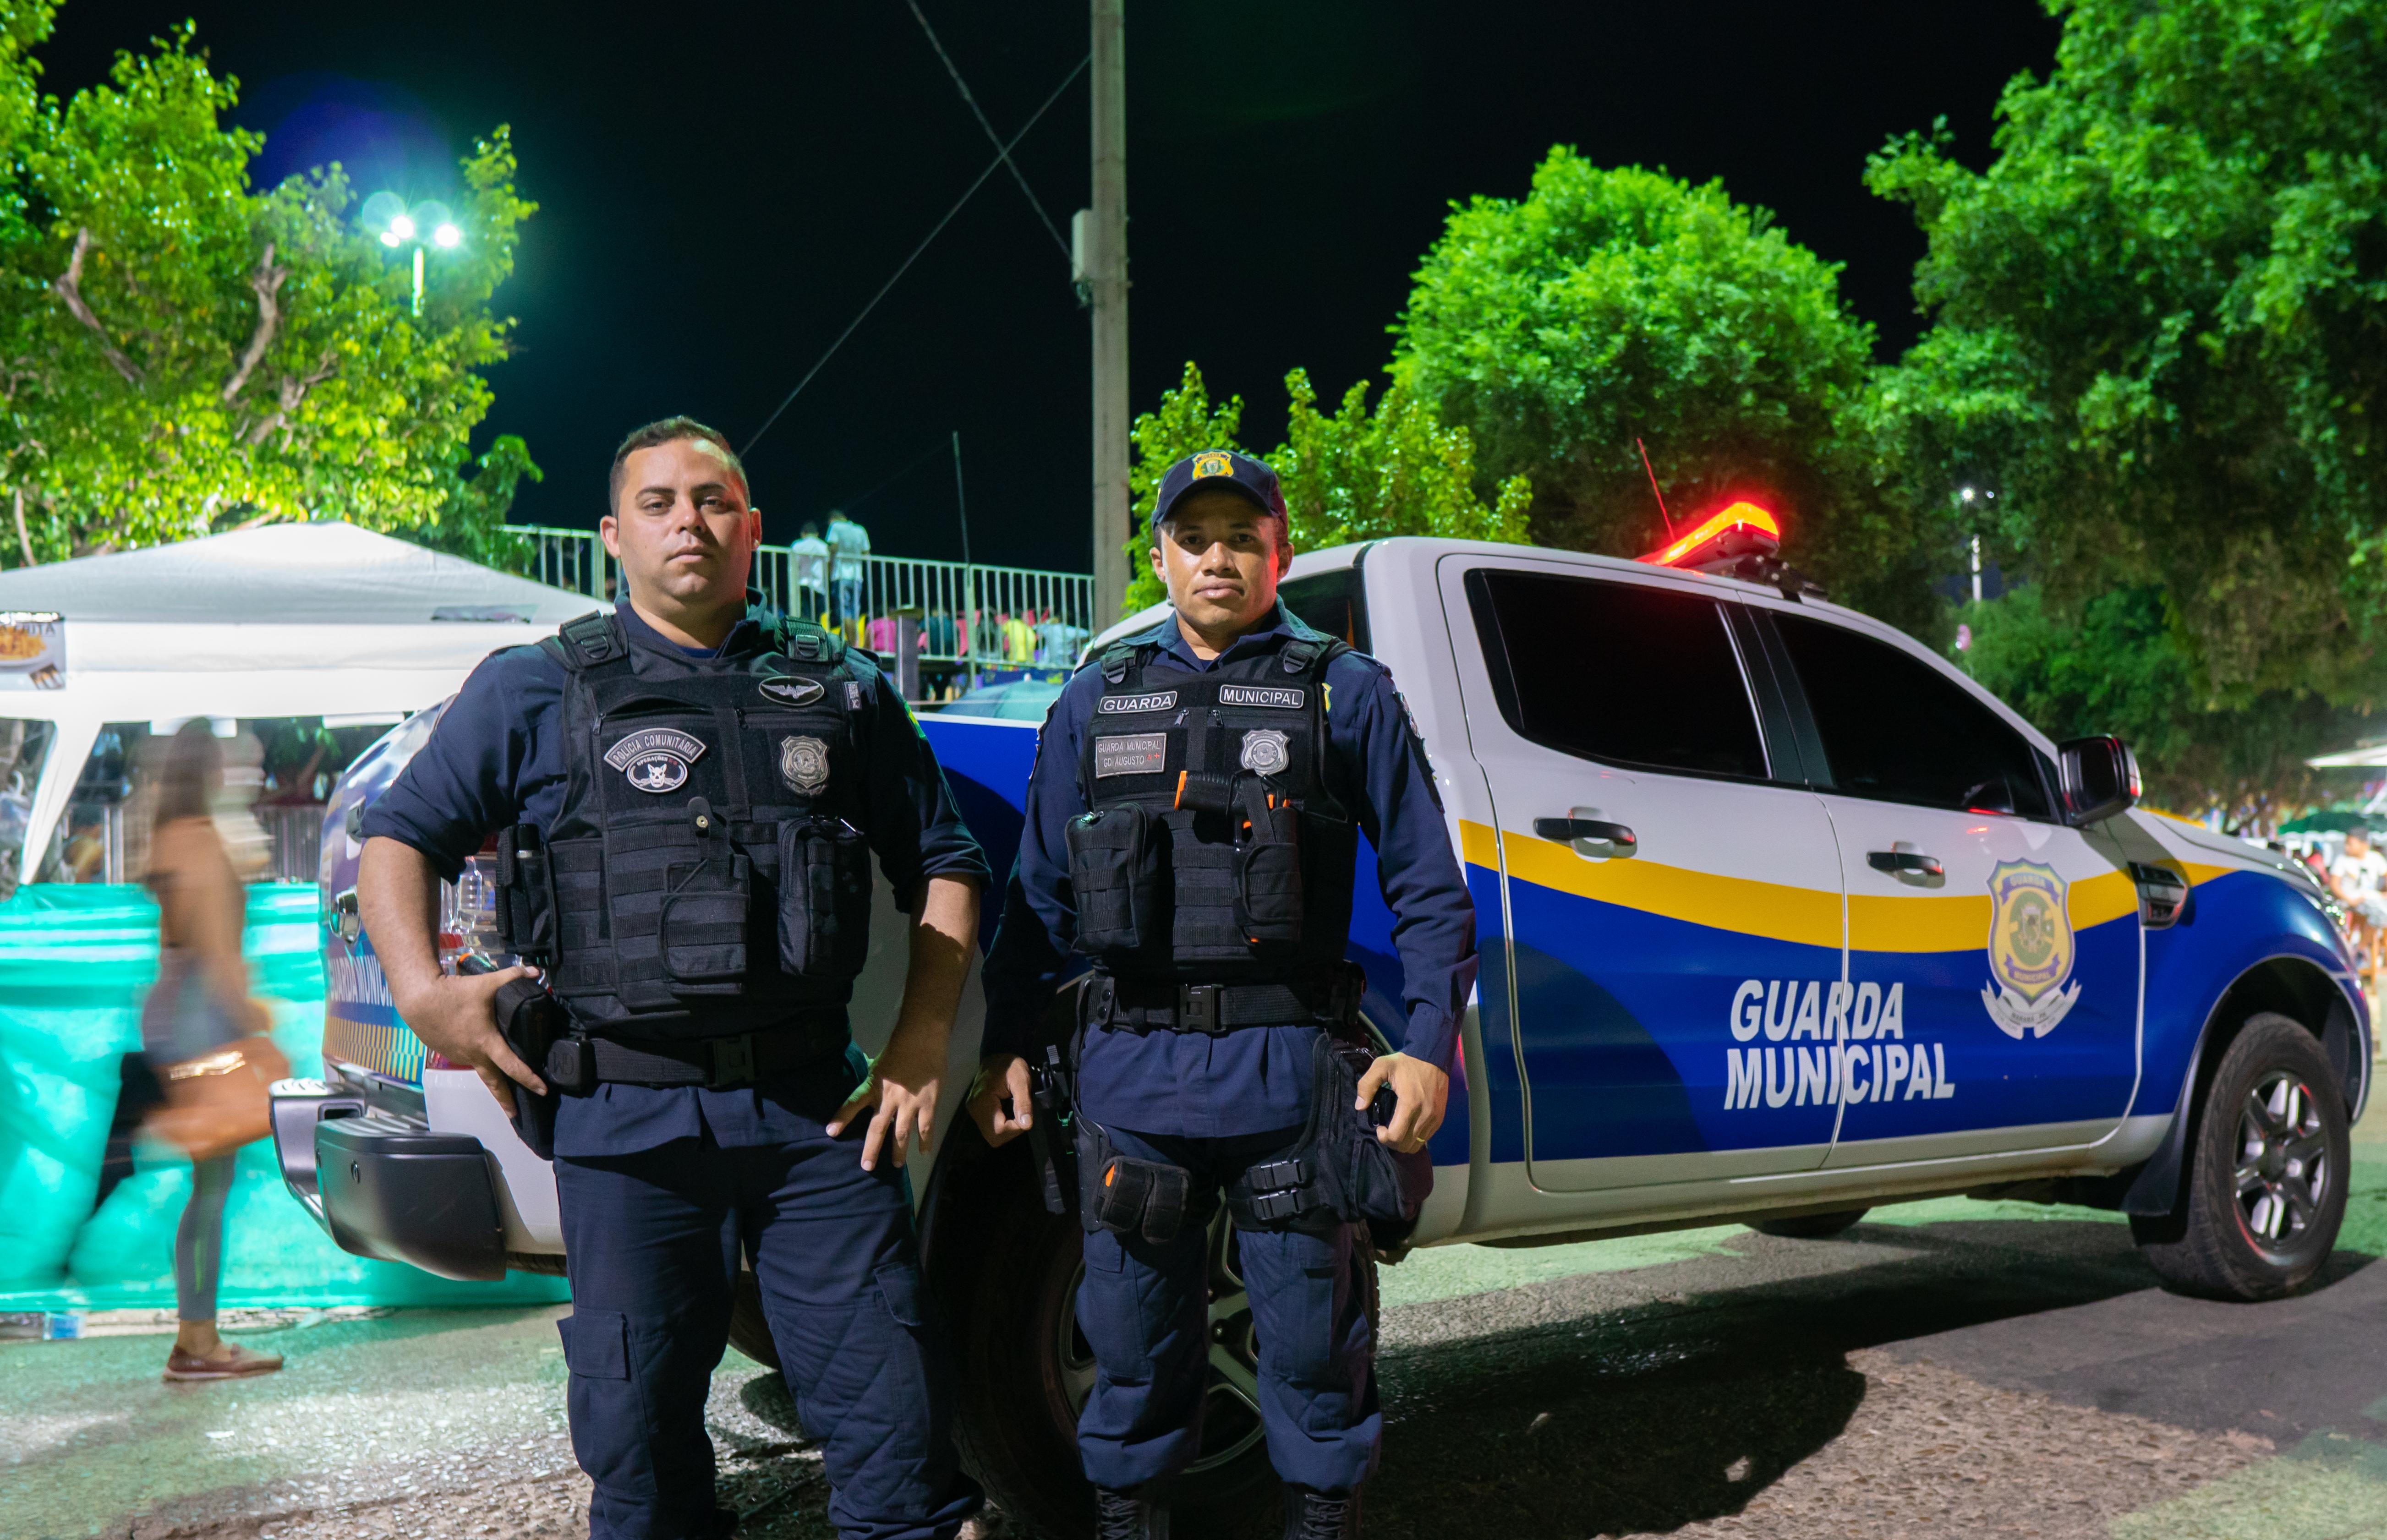 Segurança: Guarda Municipal atua em diversos pontos da cidade no fim de semana